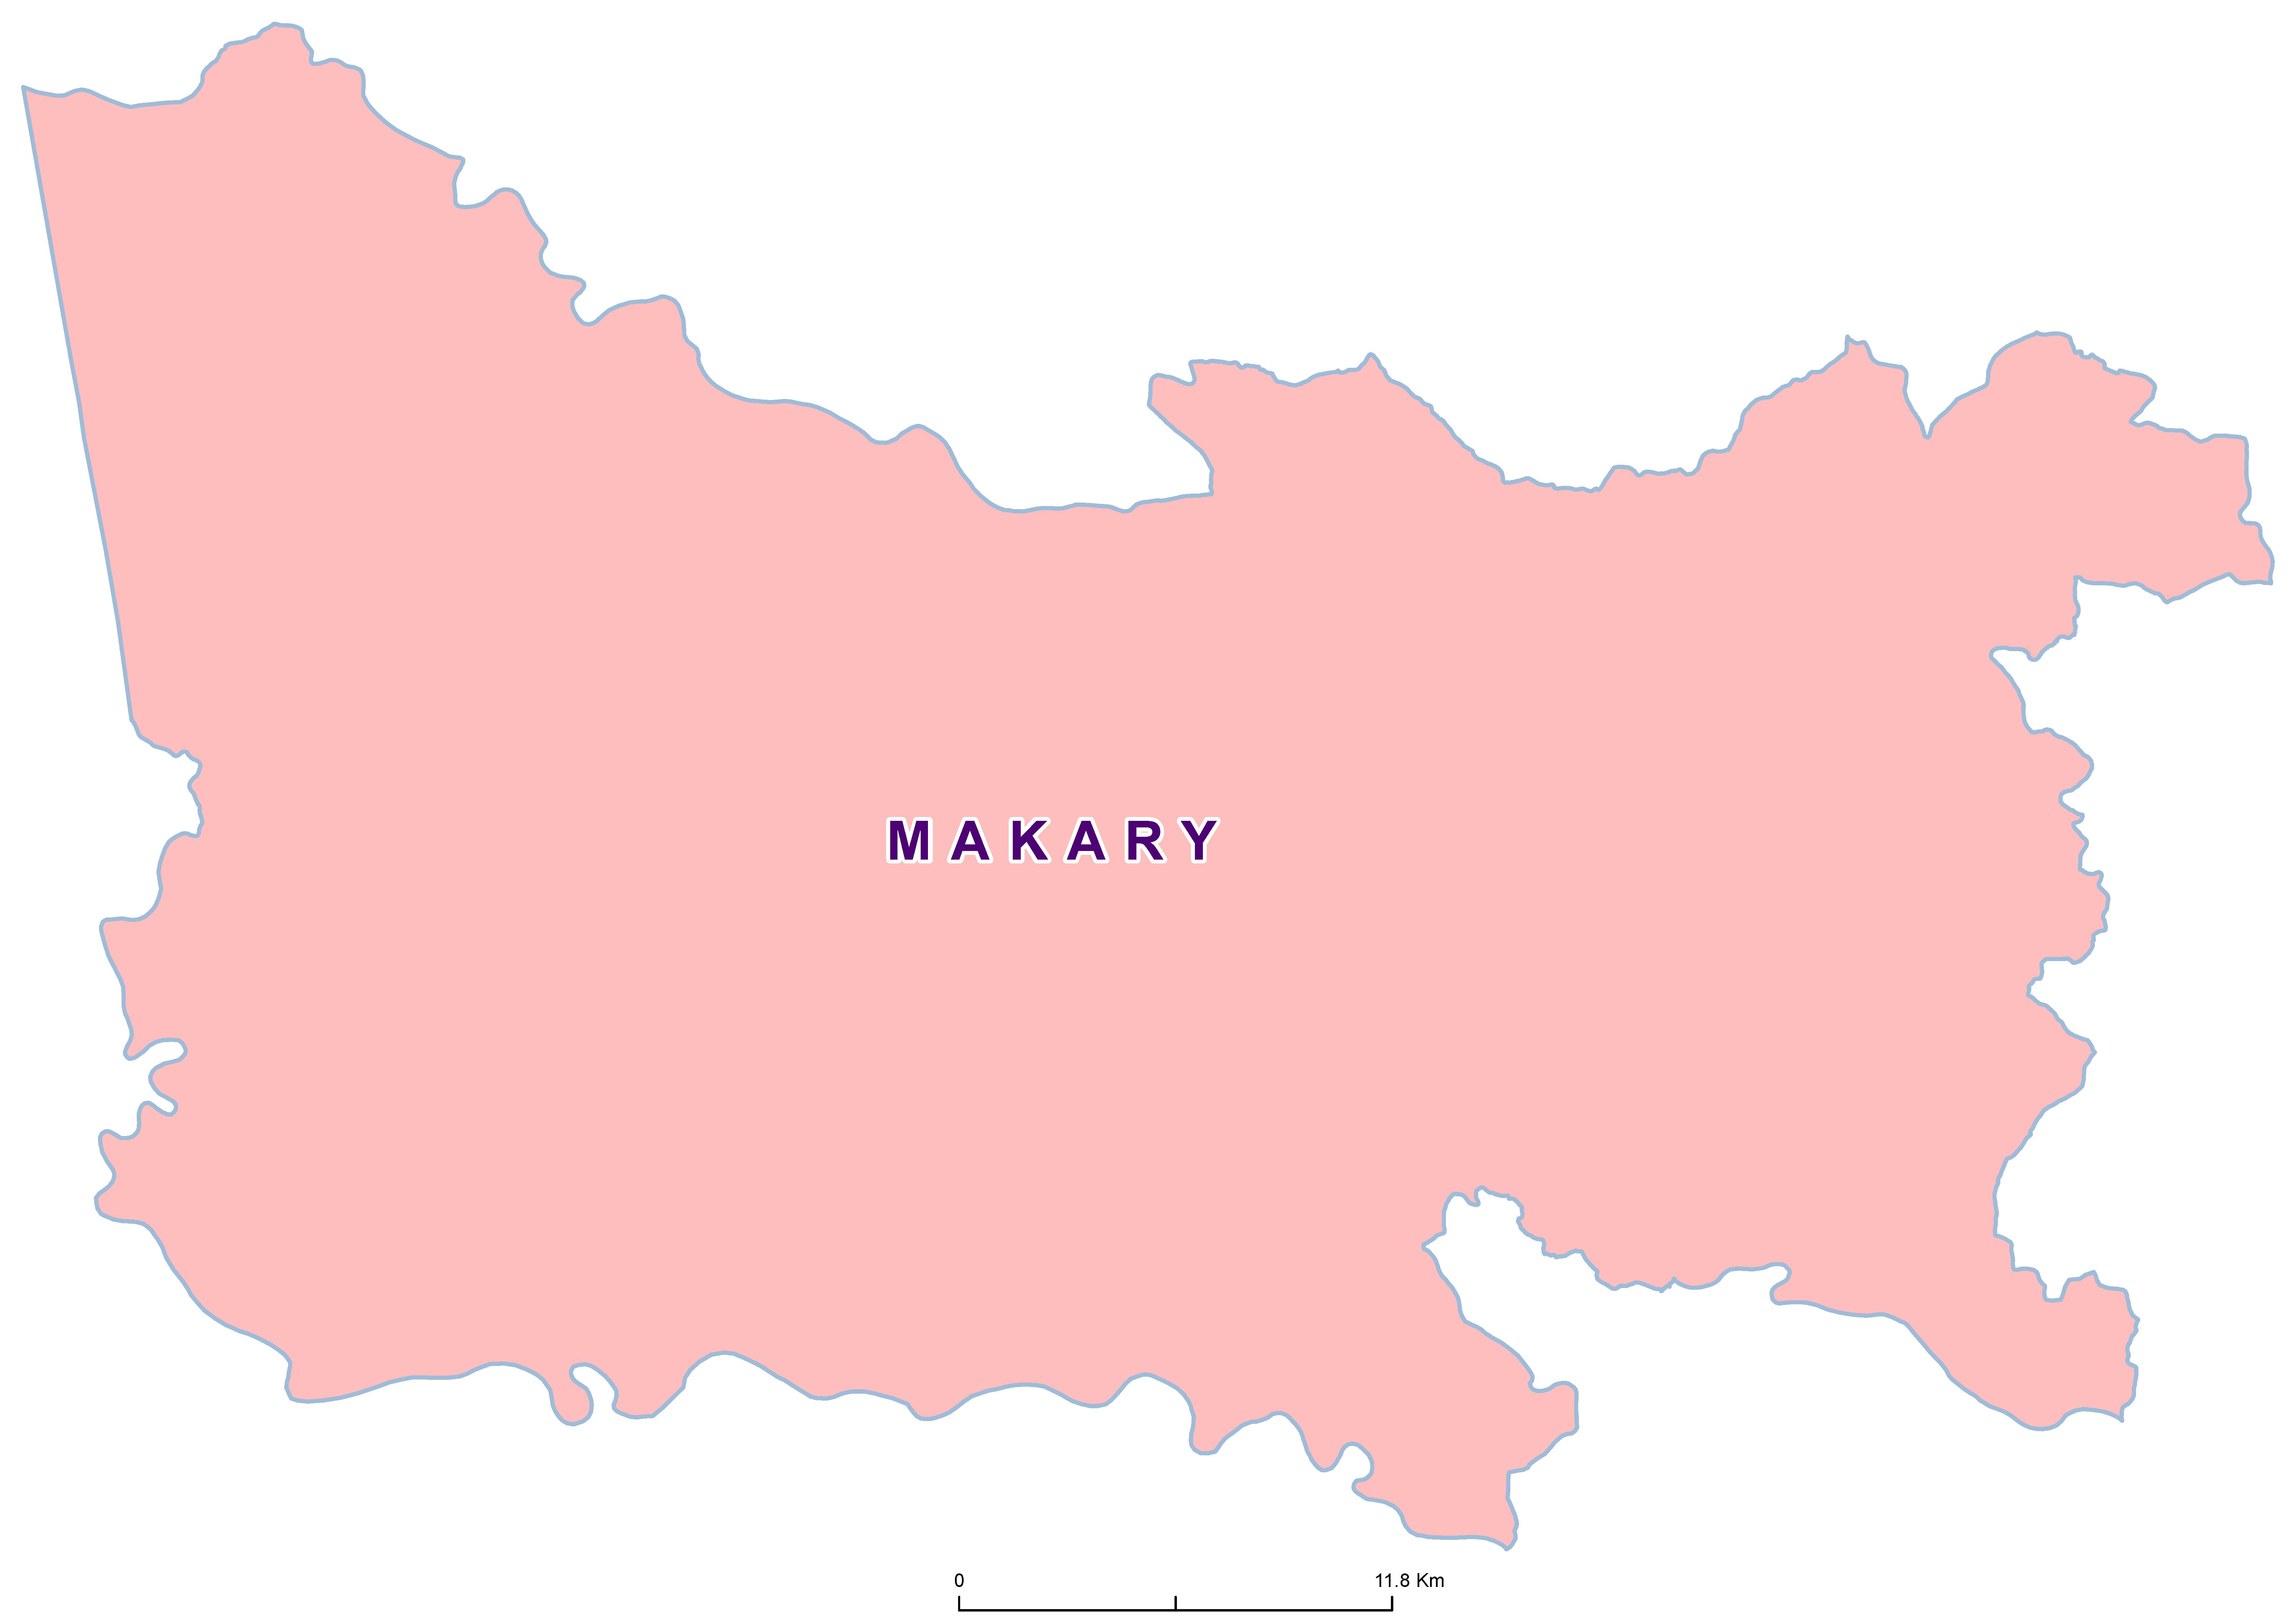 Makary Mean SCH 19850001